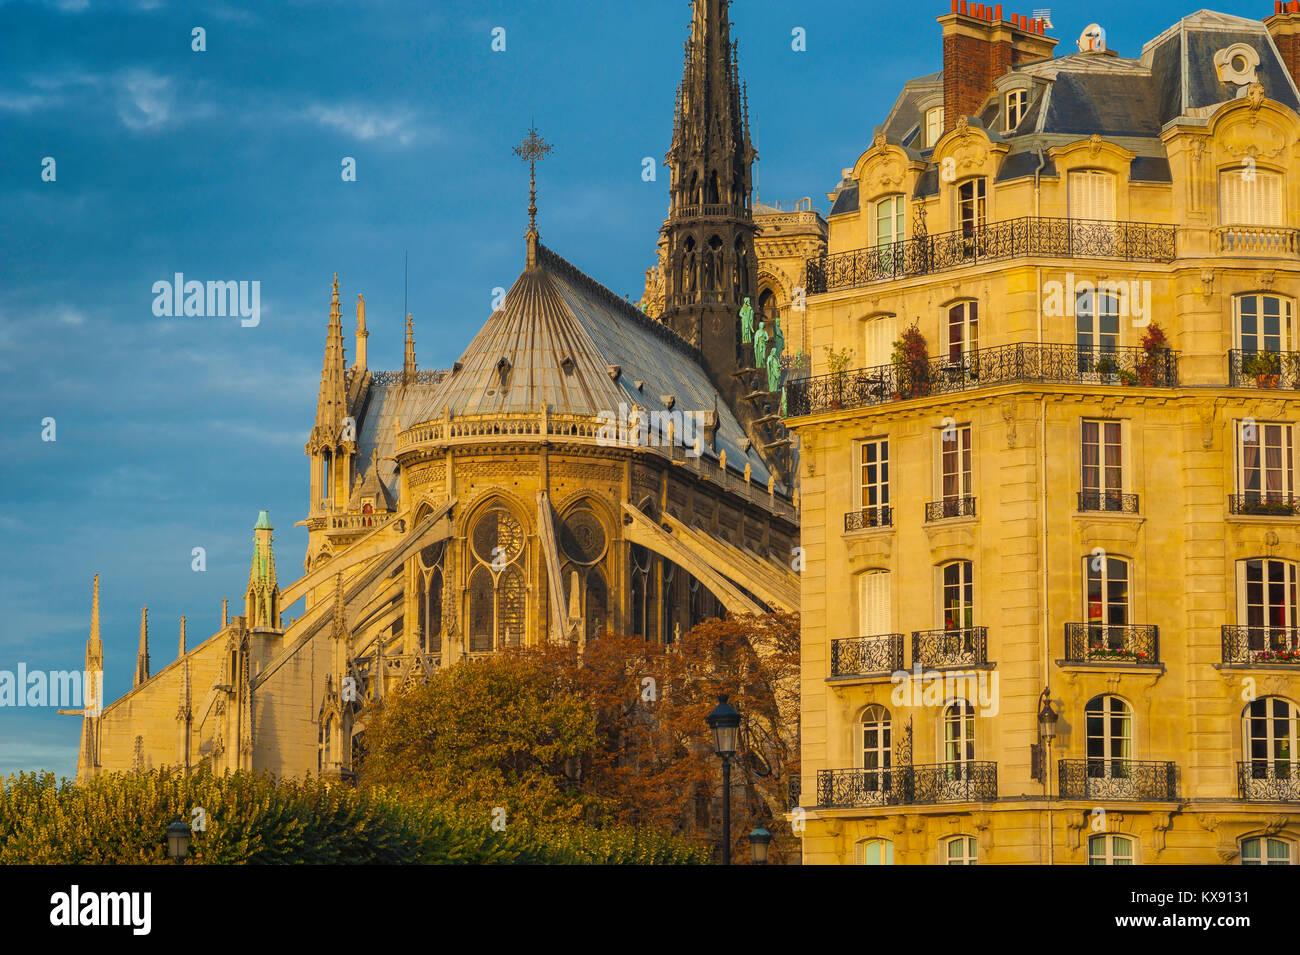 Paris Architektur, im Osten von der Kathedrale Notre Dame neben einem typischen Wohnhaus aus dem 19. Jahrhundert Stockbild